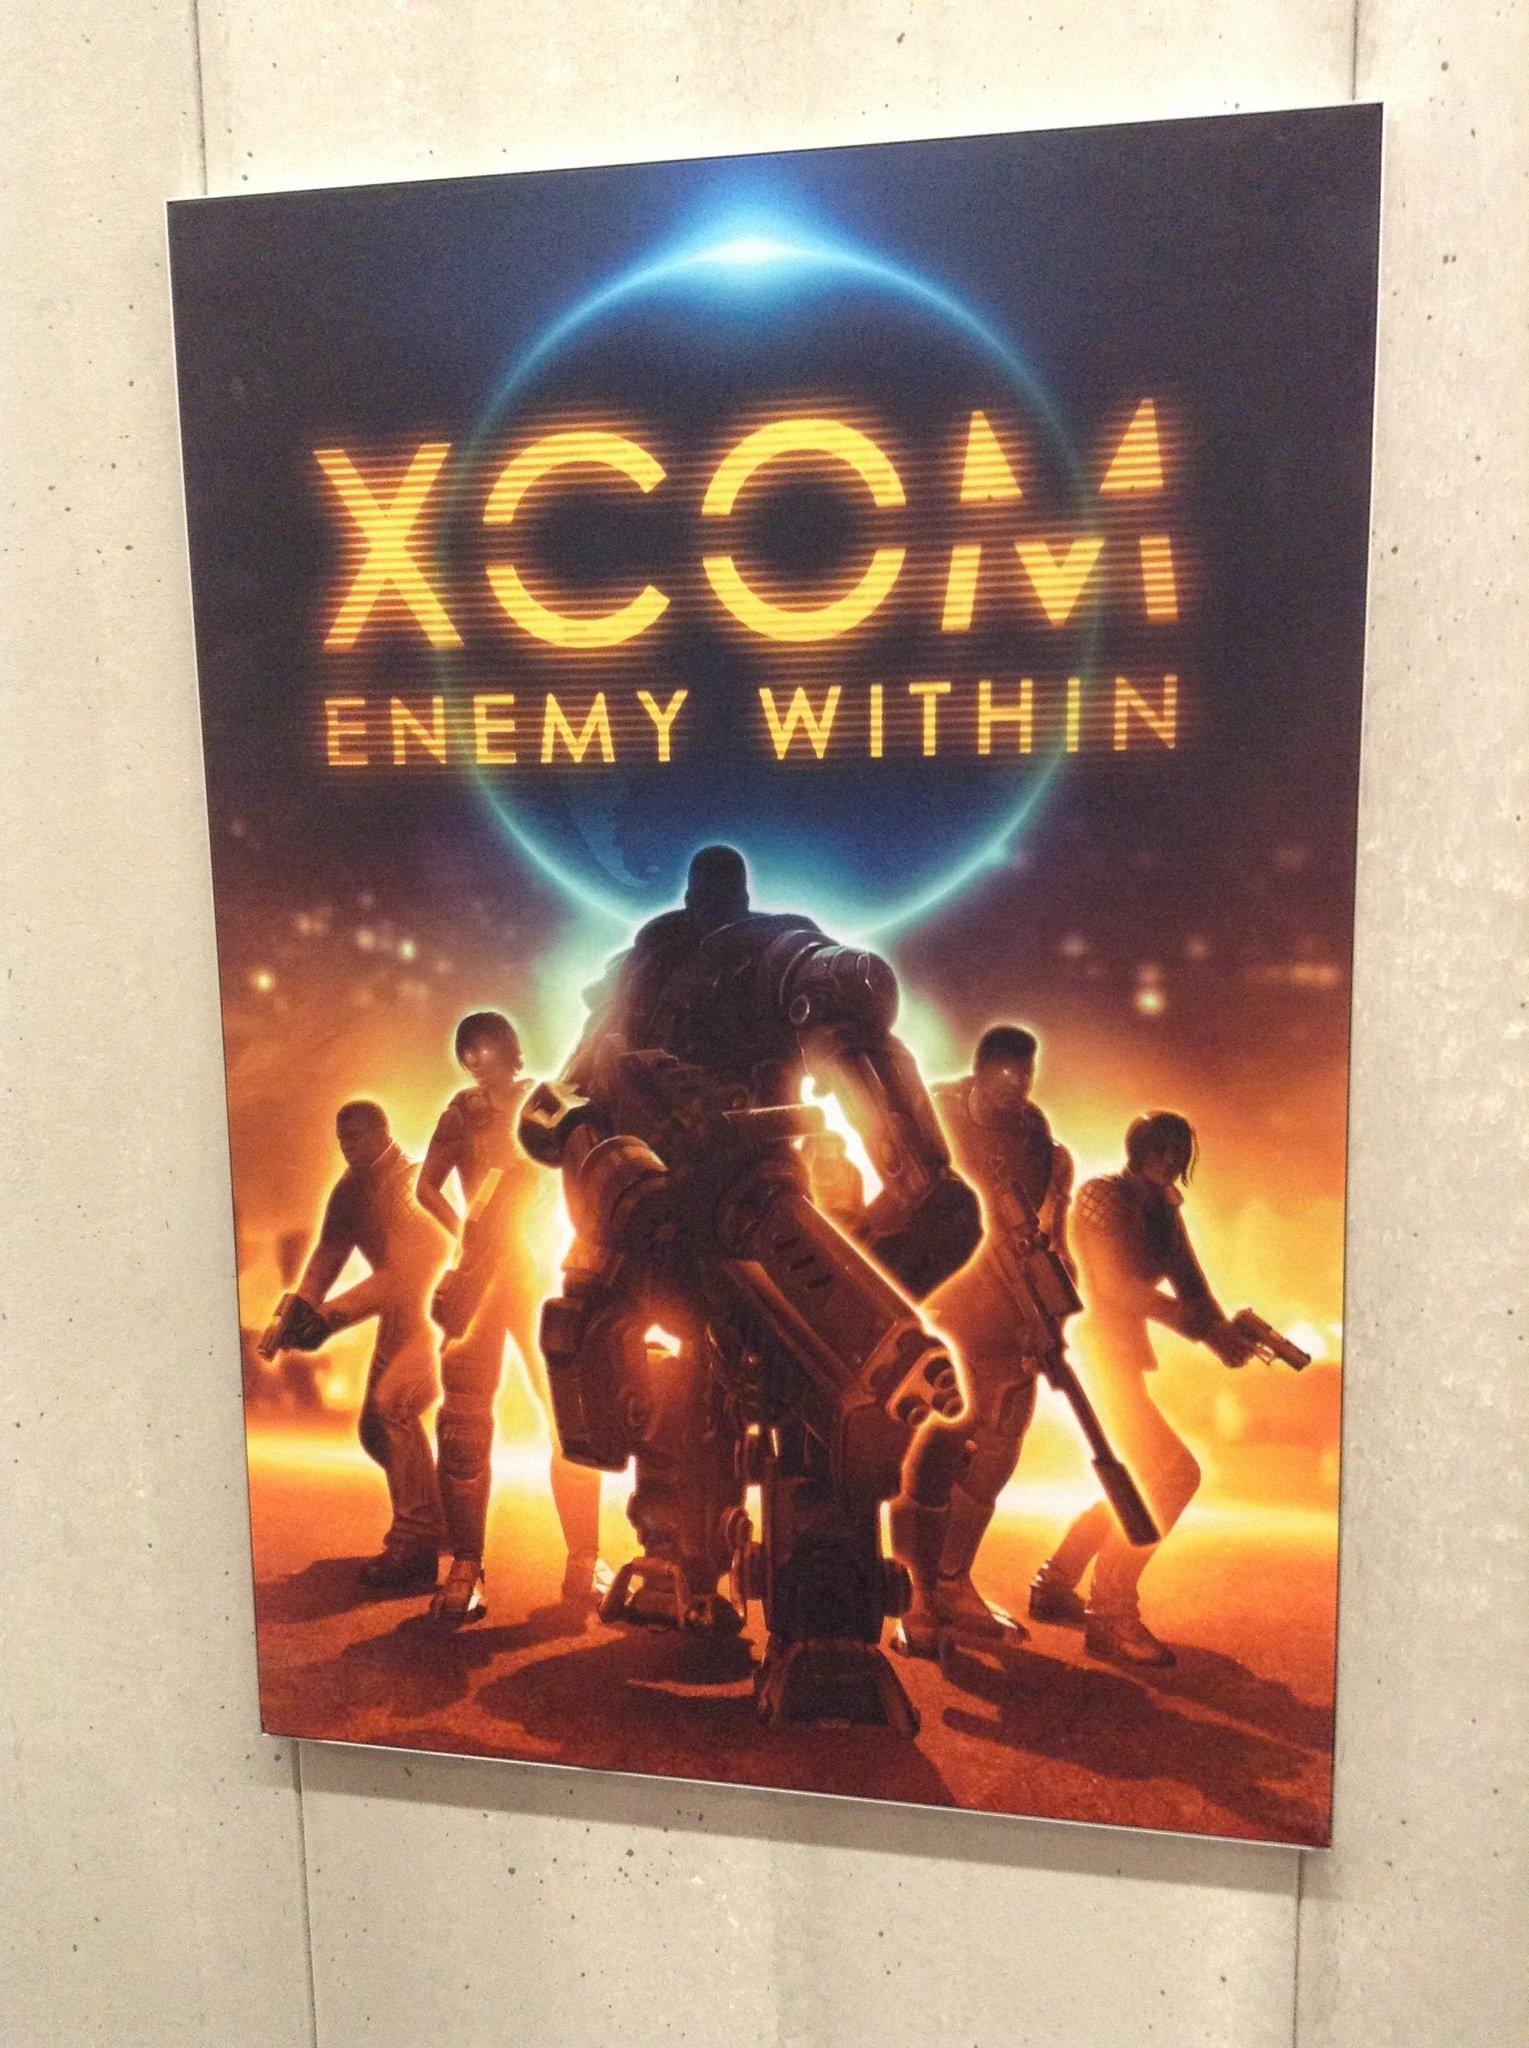 Я сыграл демонстнационную миссию в XCOM: Enemy Within. Это платное дополнение к Enemy Unknown. Firaxis убедились, чт .... - Изображение 1